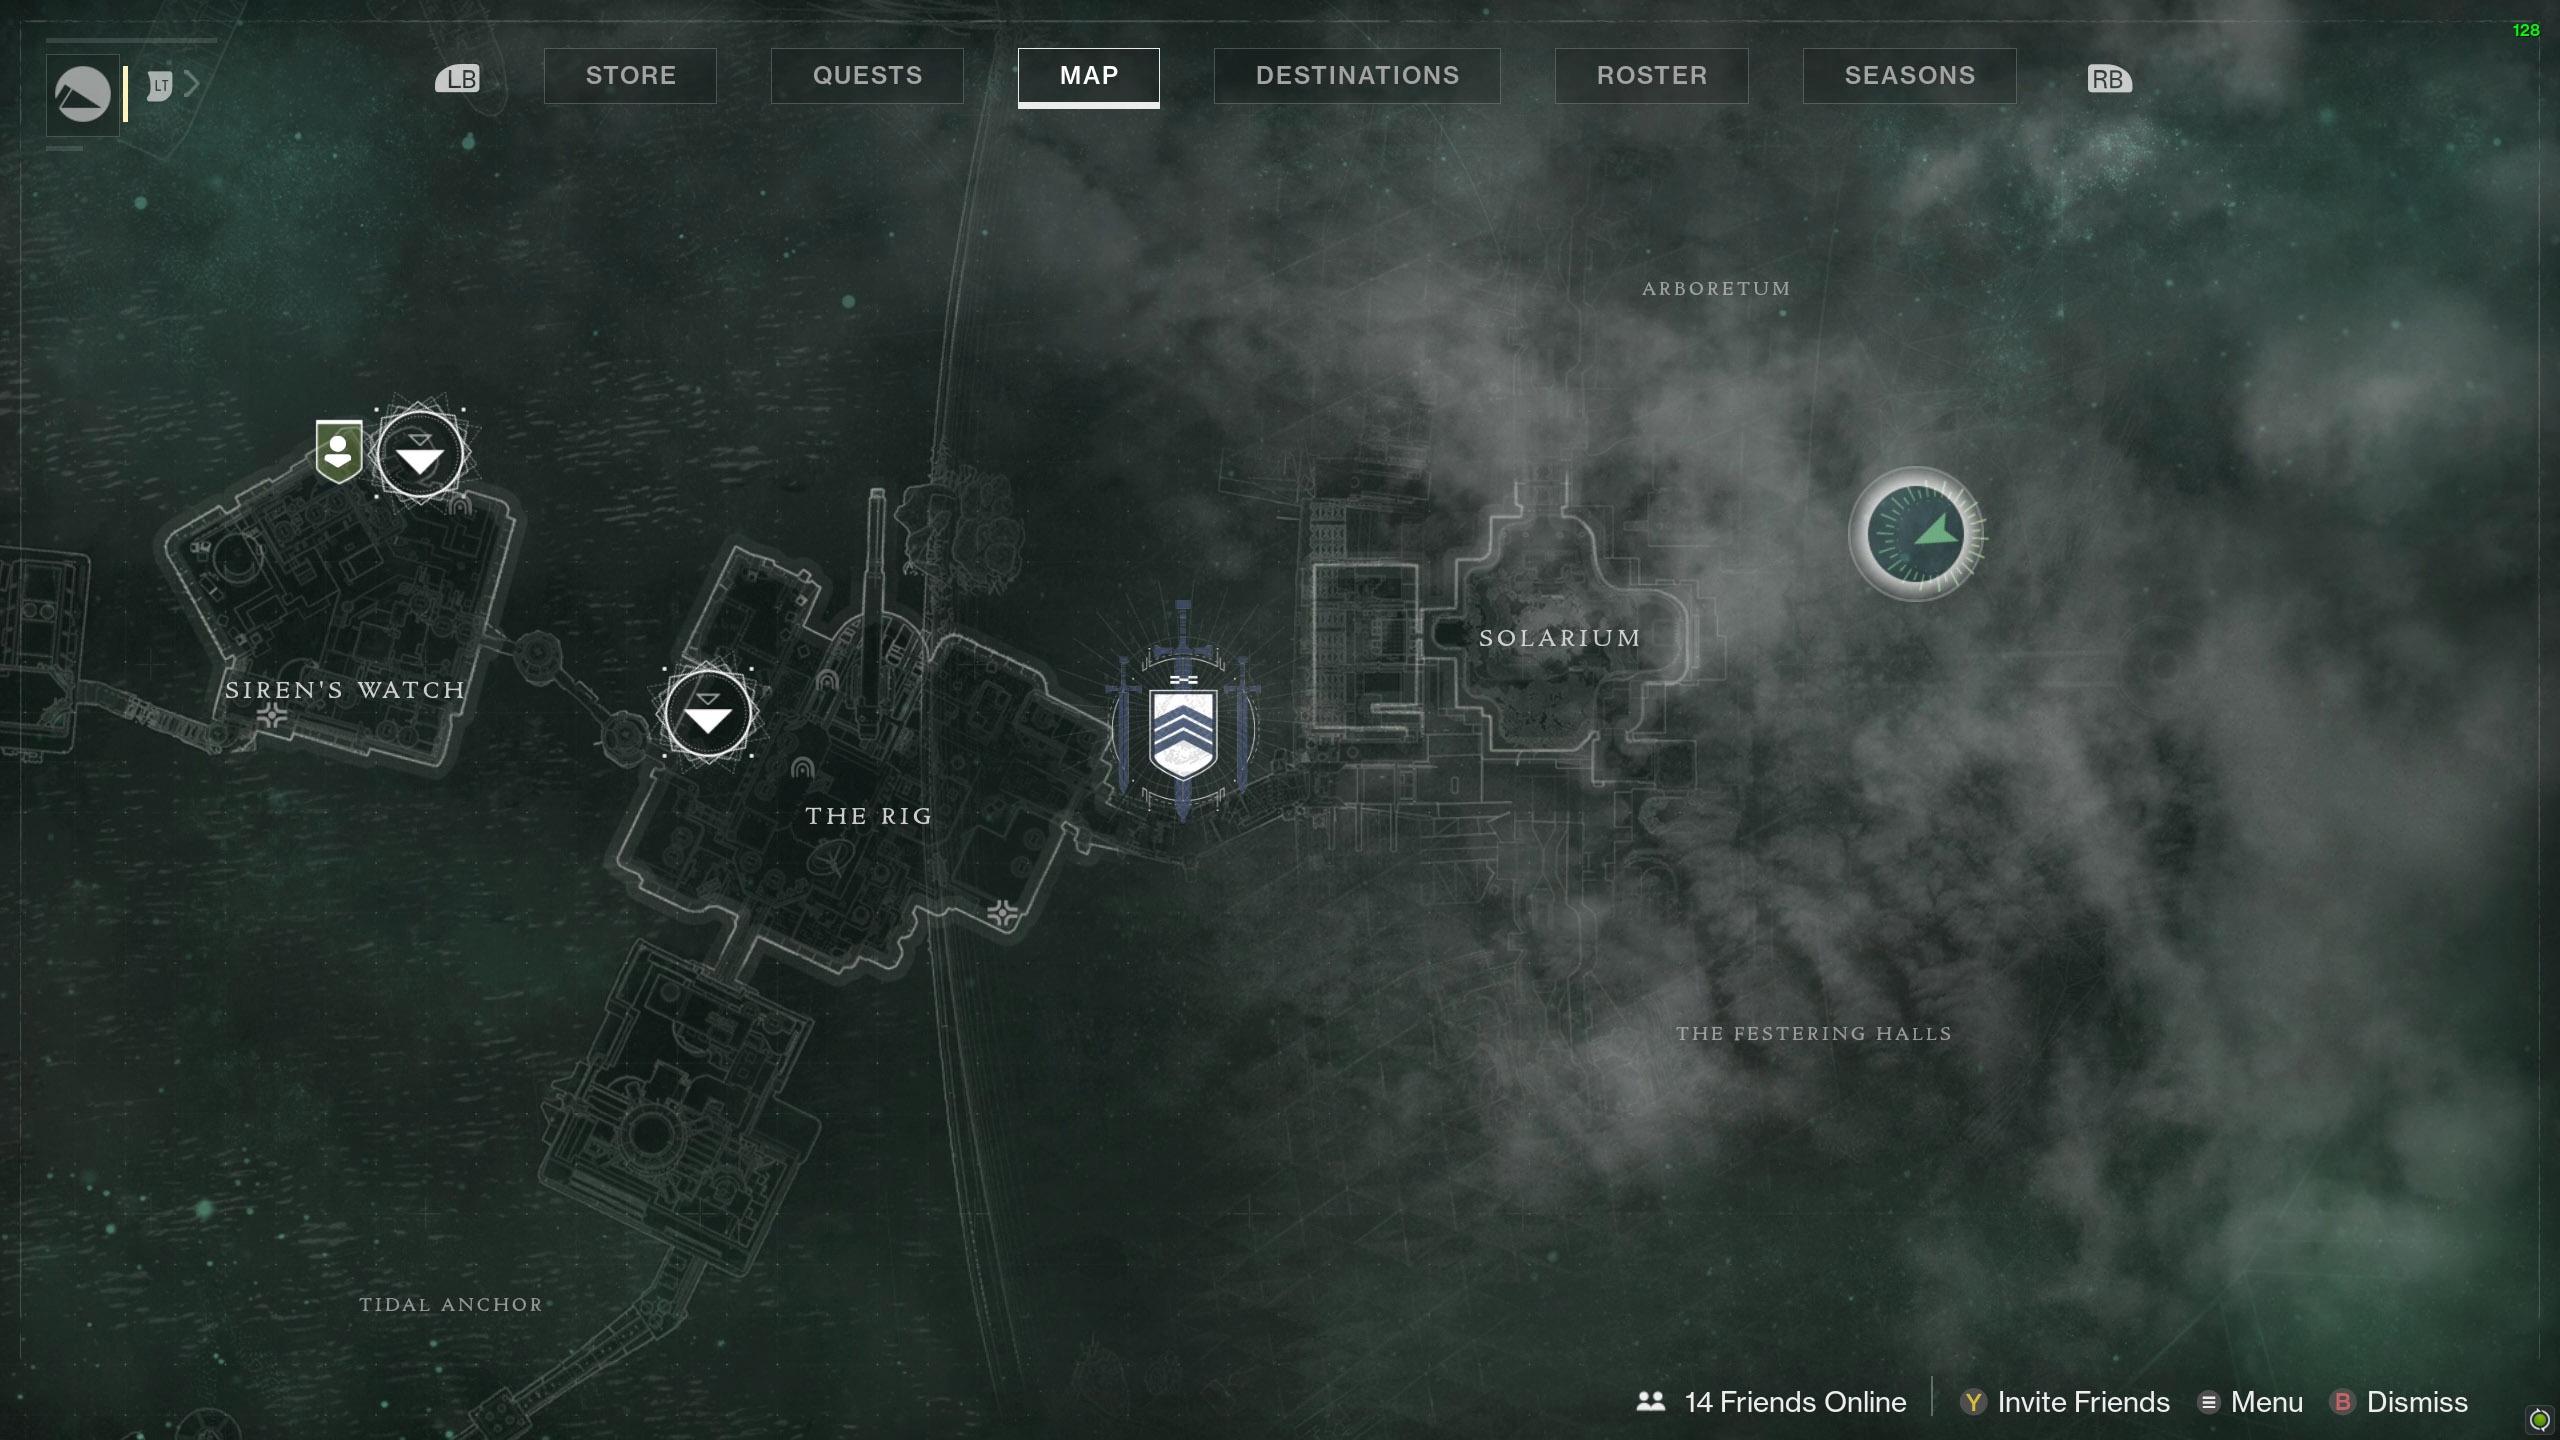 Destiny 2 Savathuns Eyes Titan Arboretum map